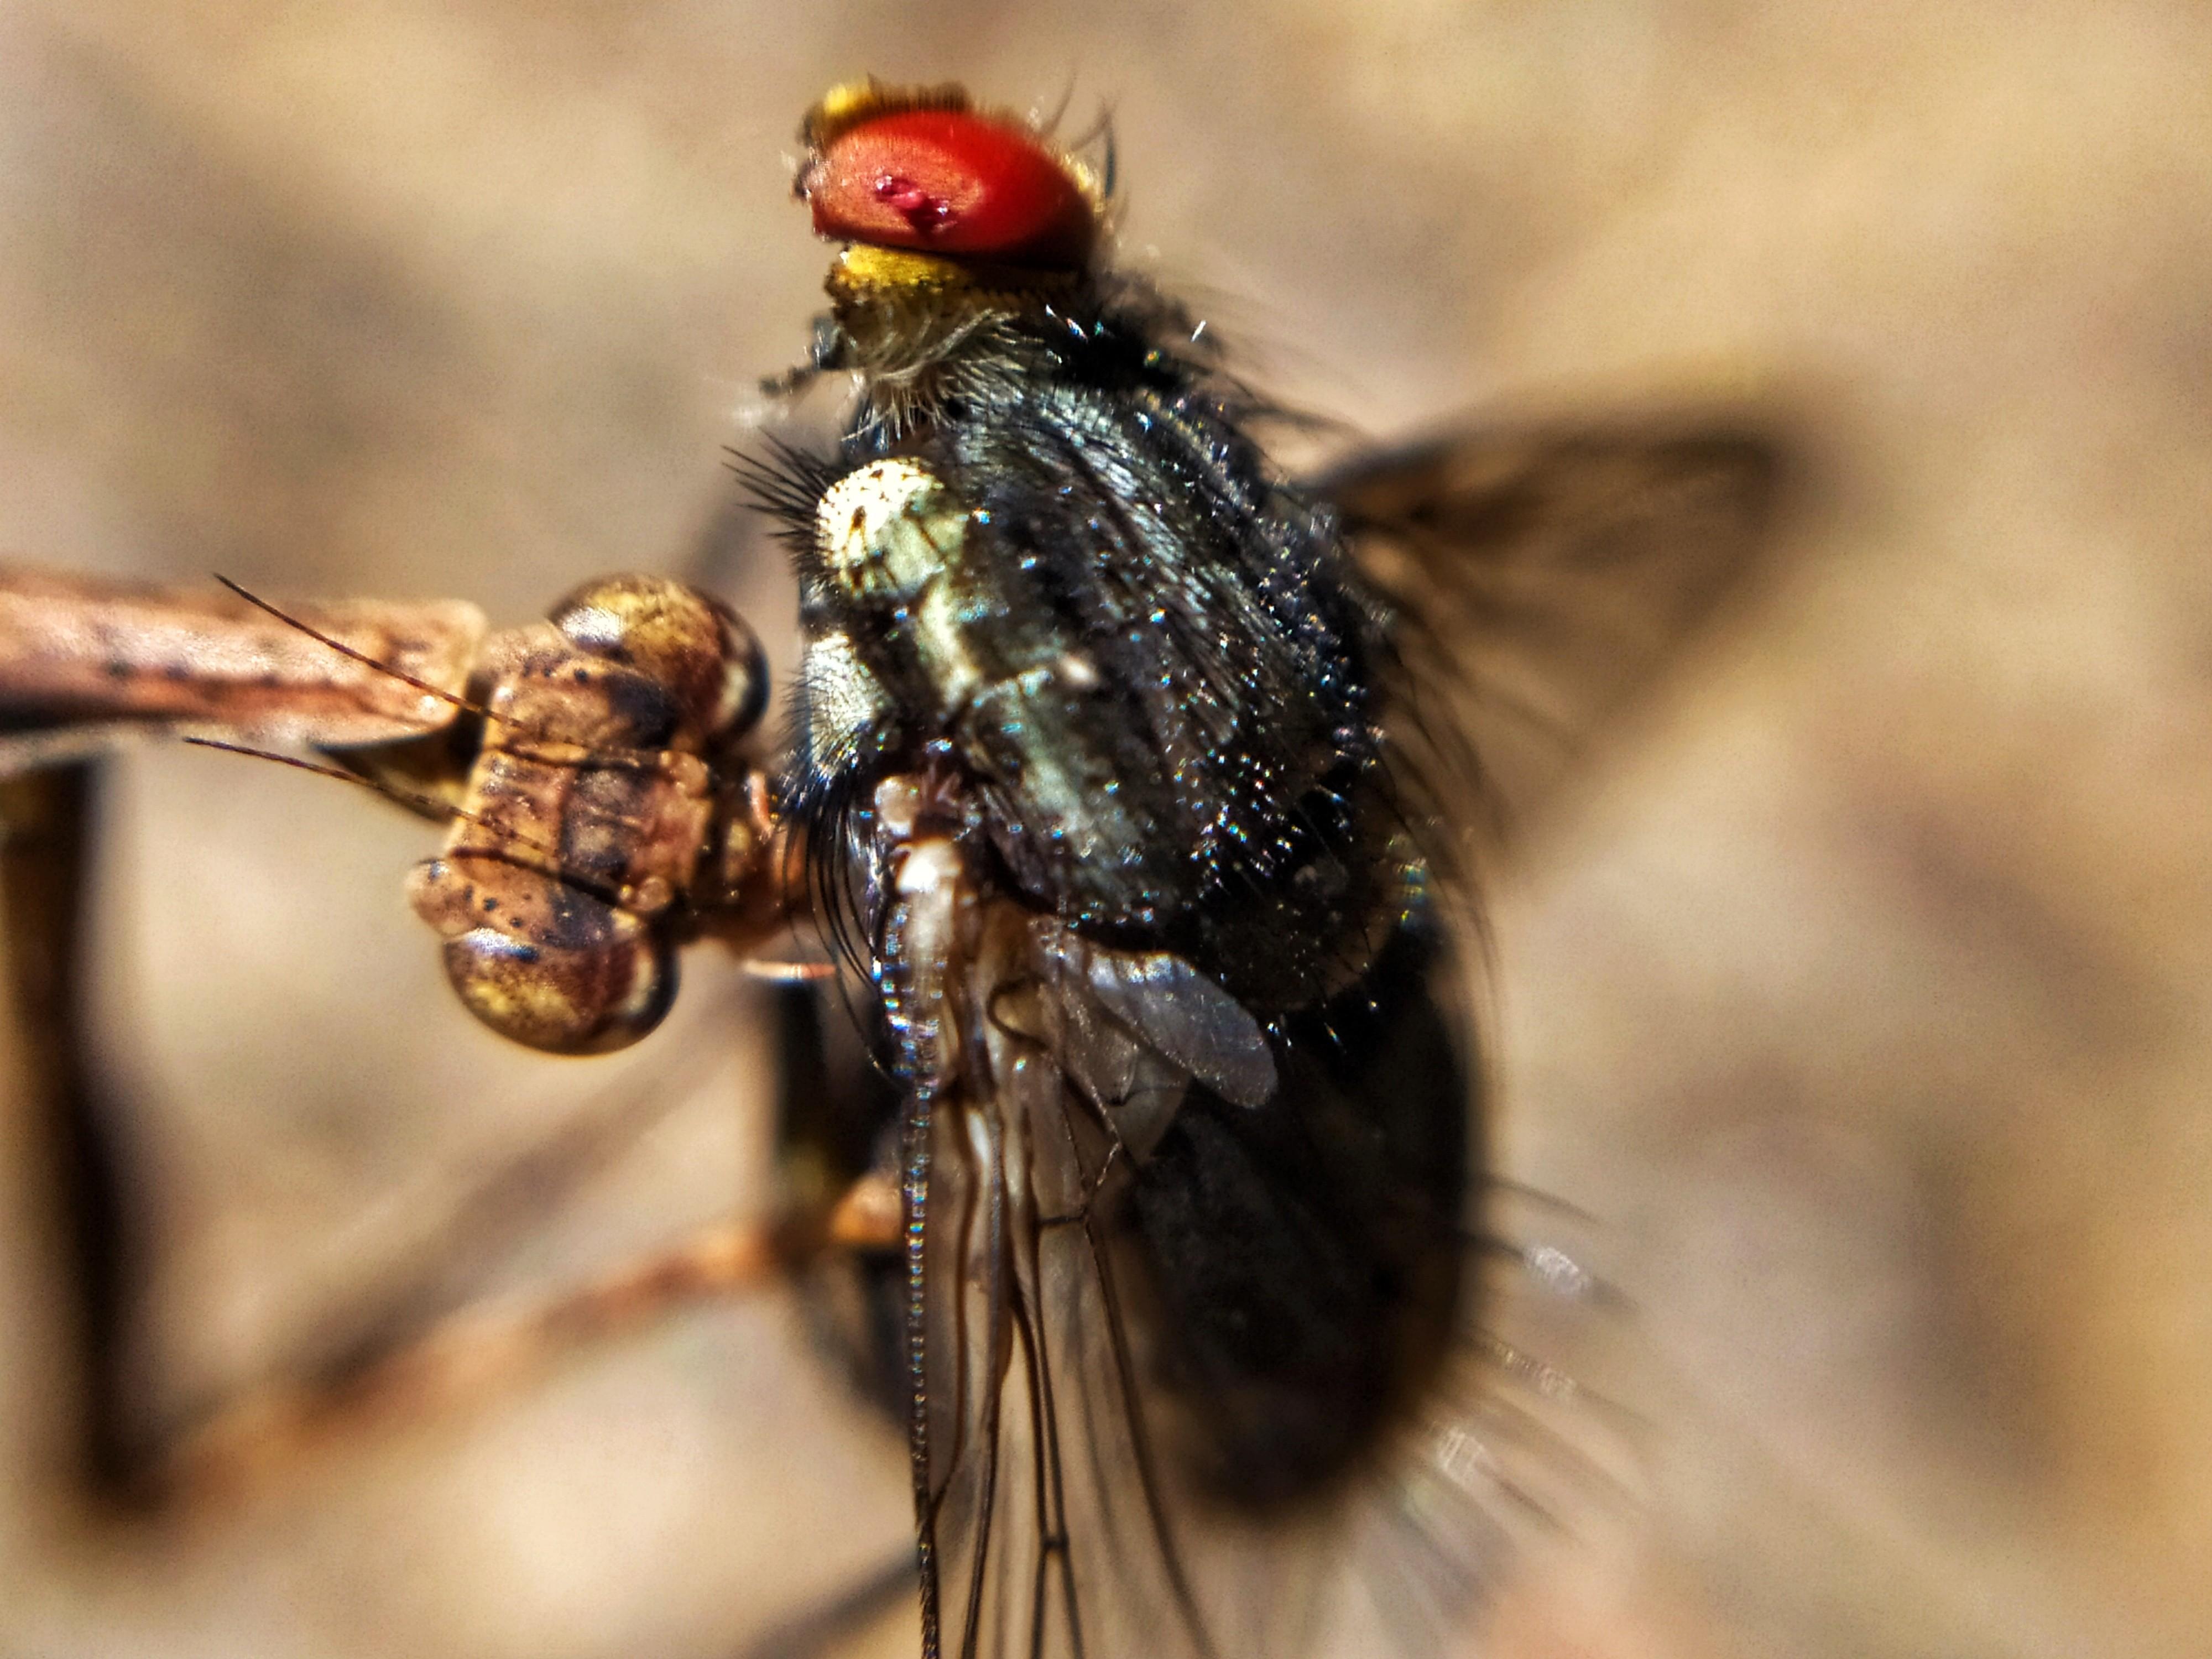 Louva-a-deus devora mosca e turismólogo filma ação em detalhes; veja o vídeo